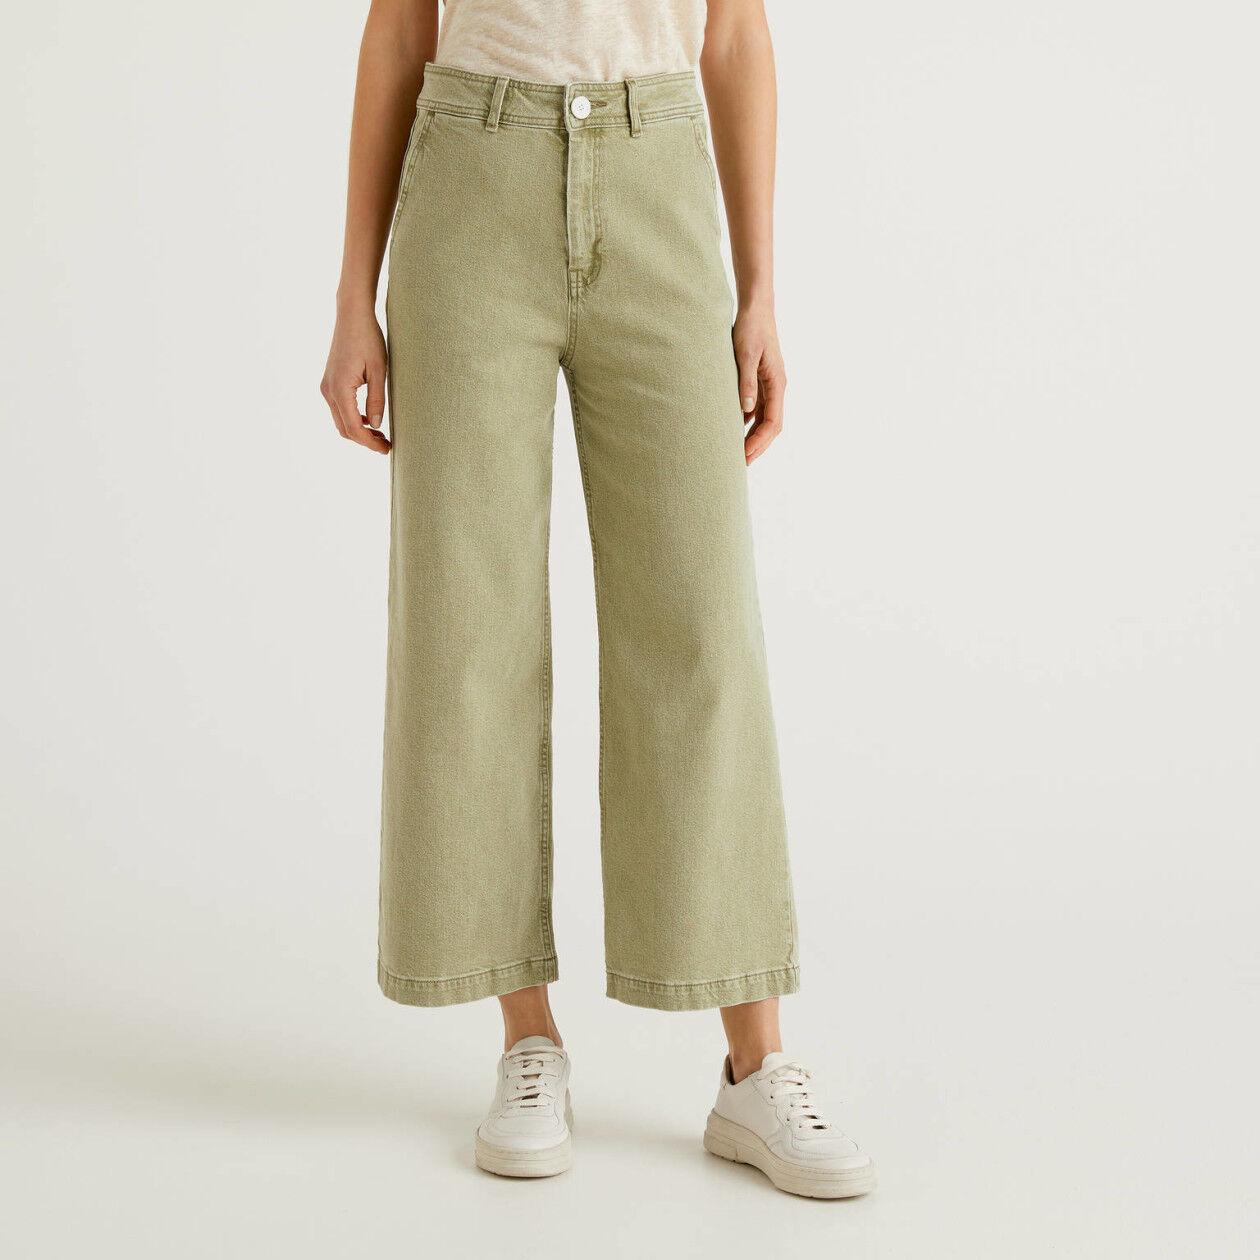 Jeans avec coupe large